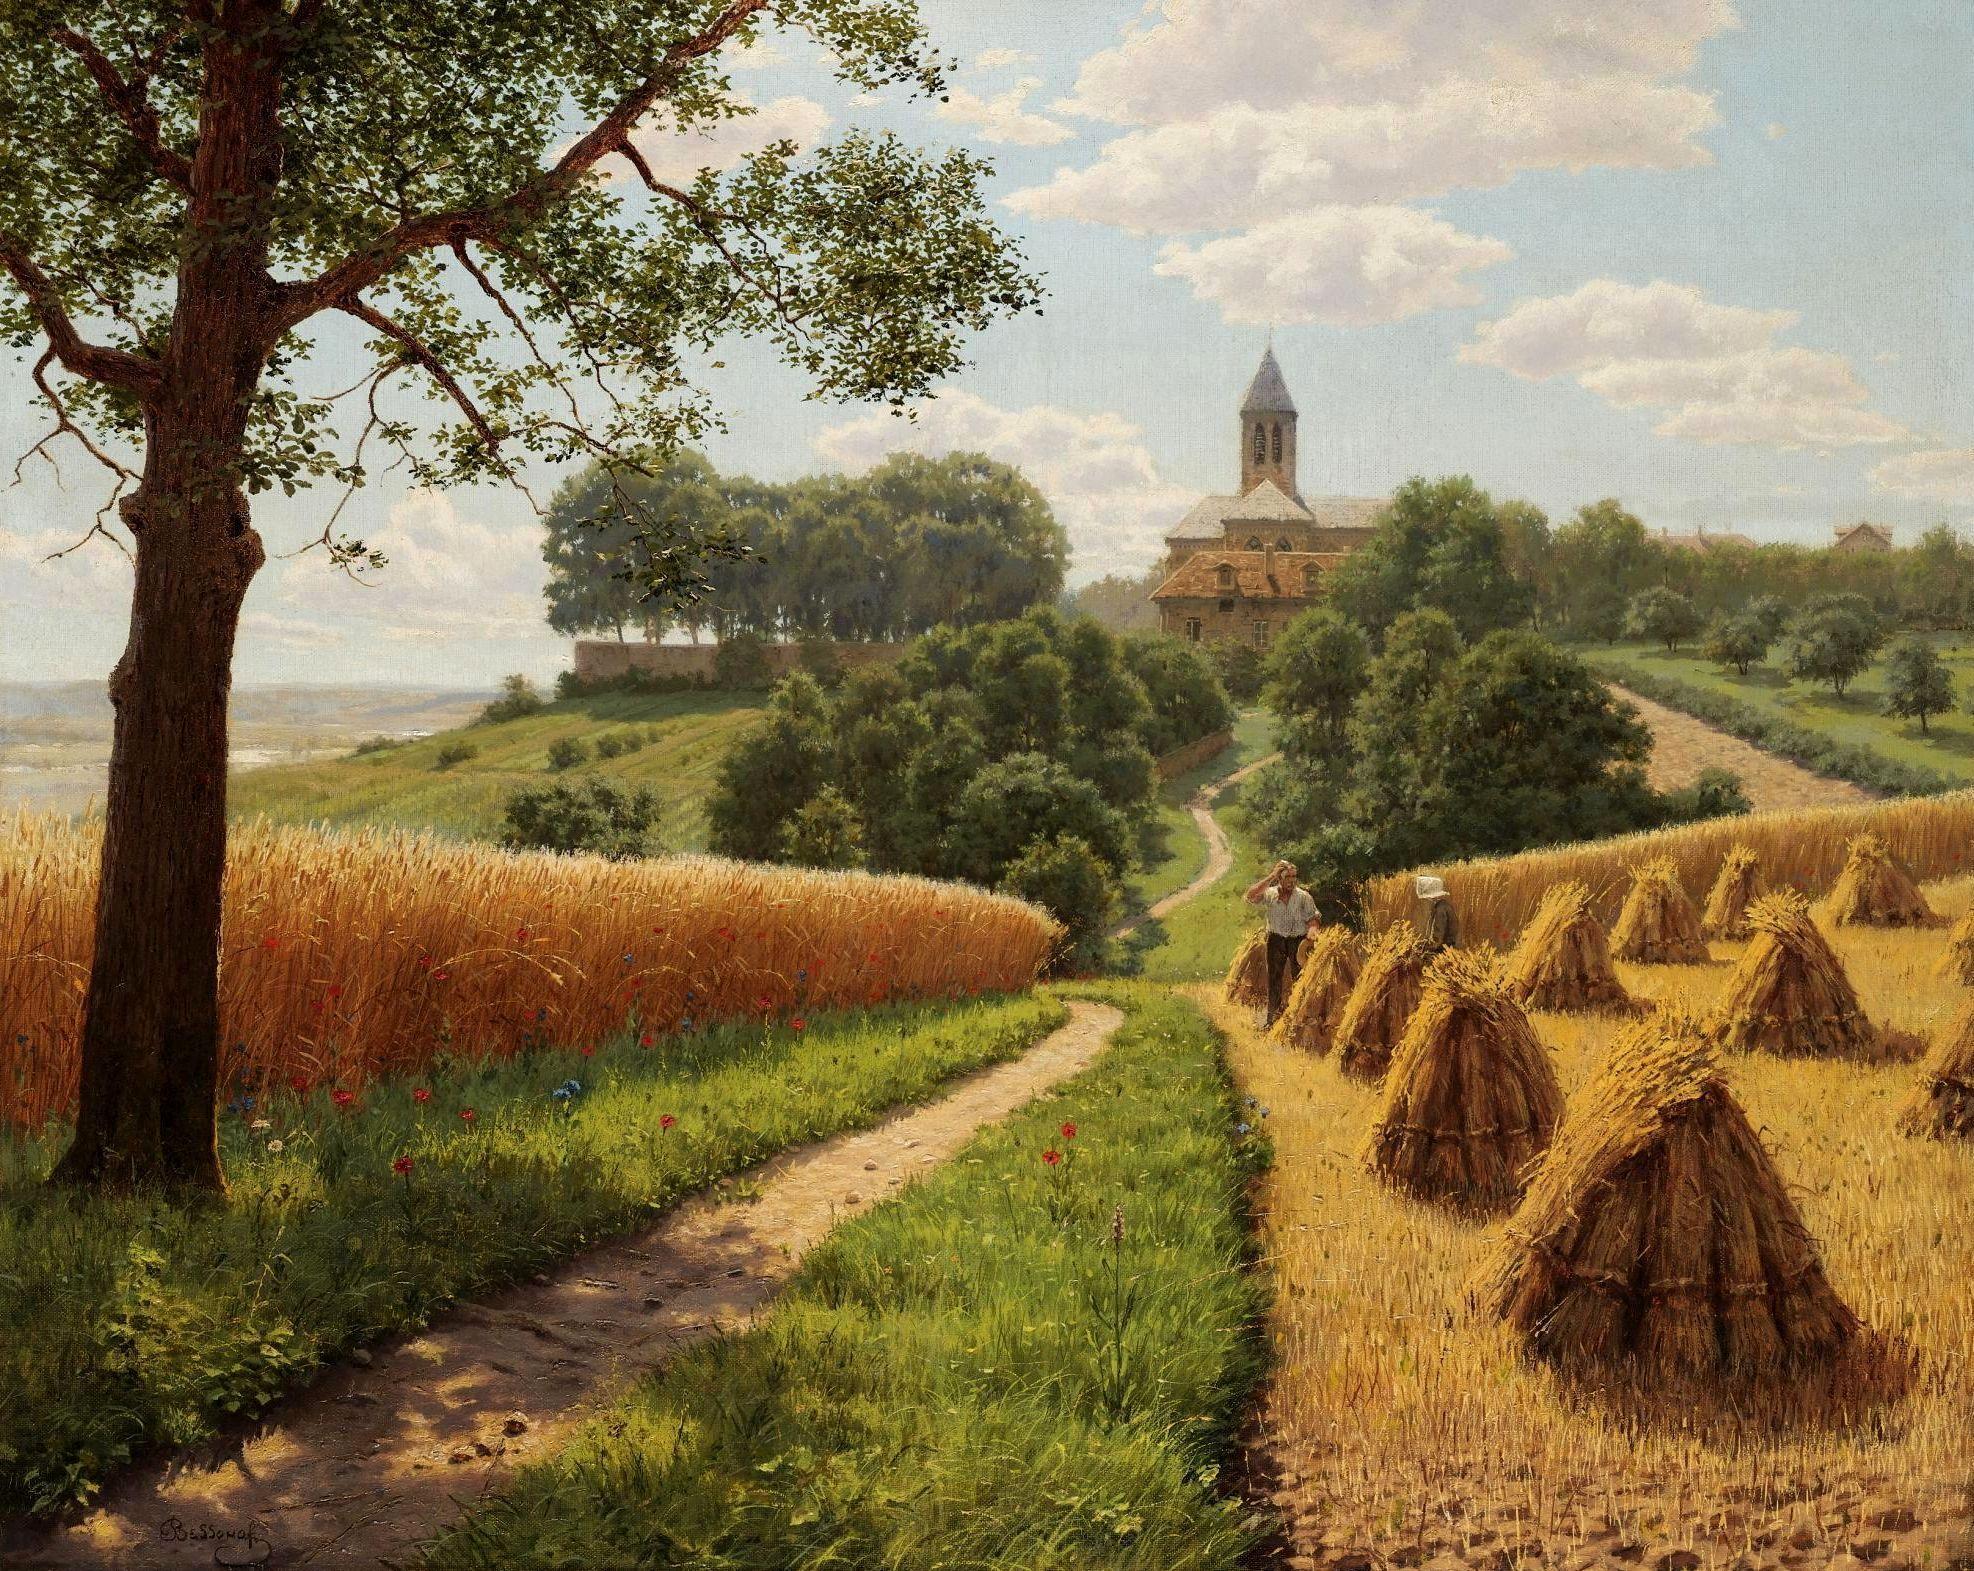 меру лето в деревне картинки вертикальные монастыря уже